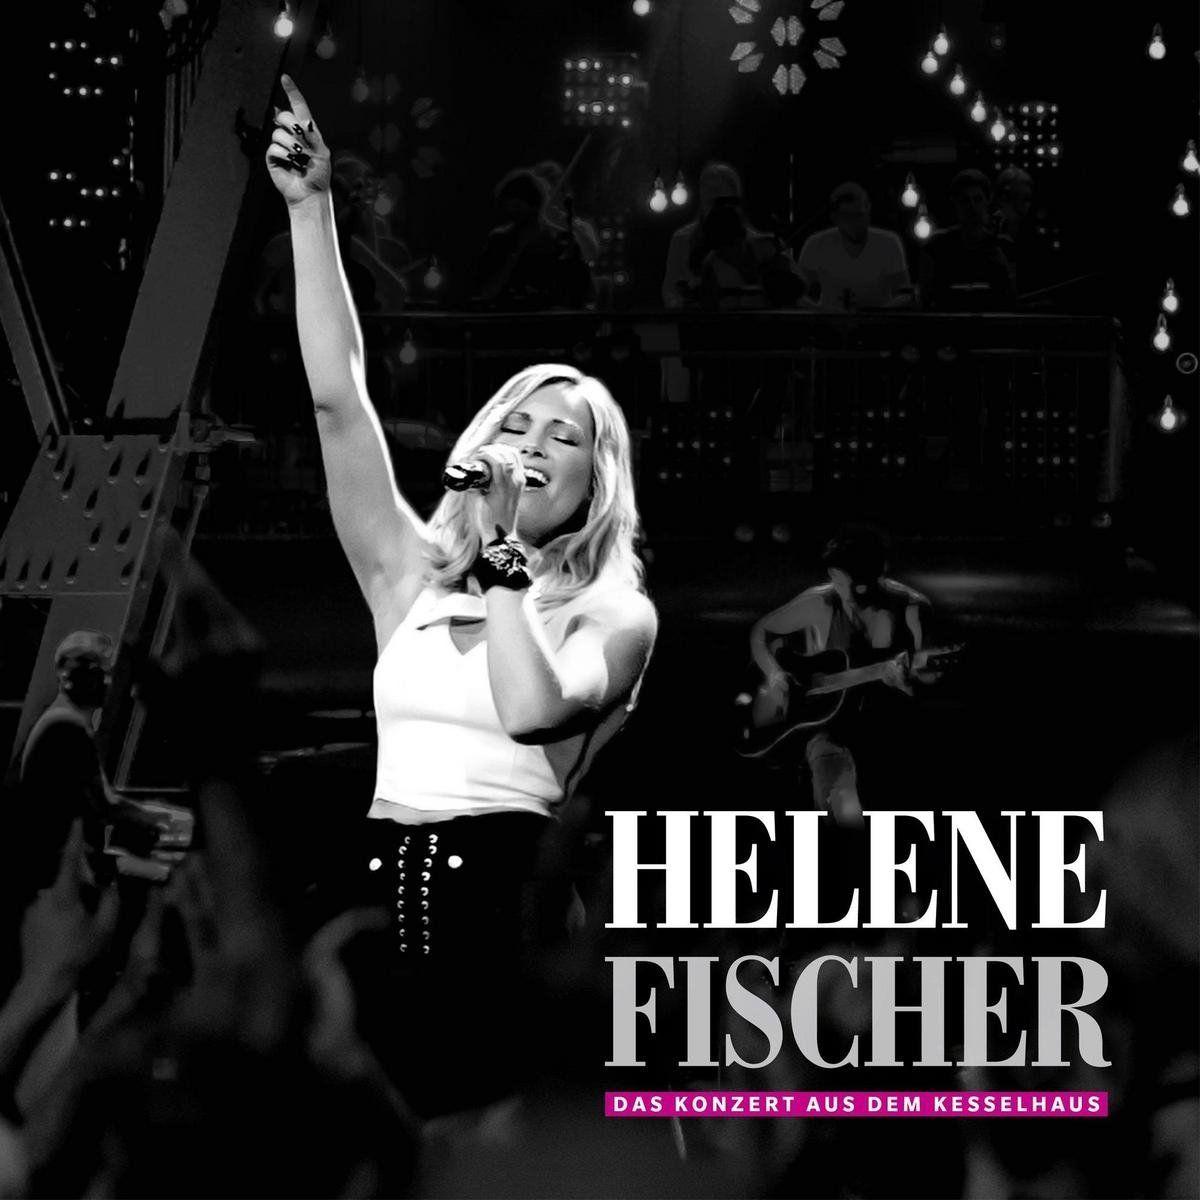 Helene Stellt Neues Album Vor Kesselhaus Munchen Mit Bildern Konzert Helene Fischer Konzert Fischerring